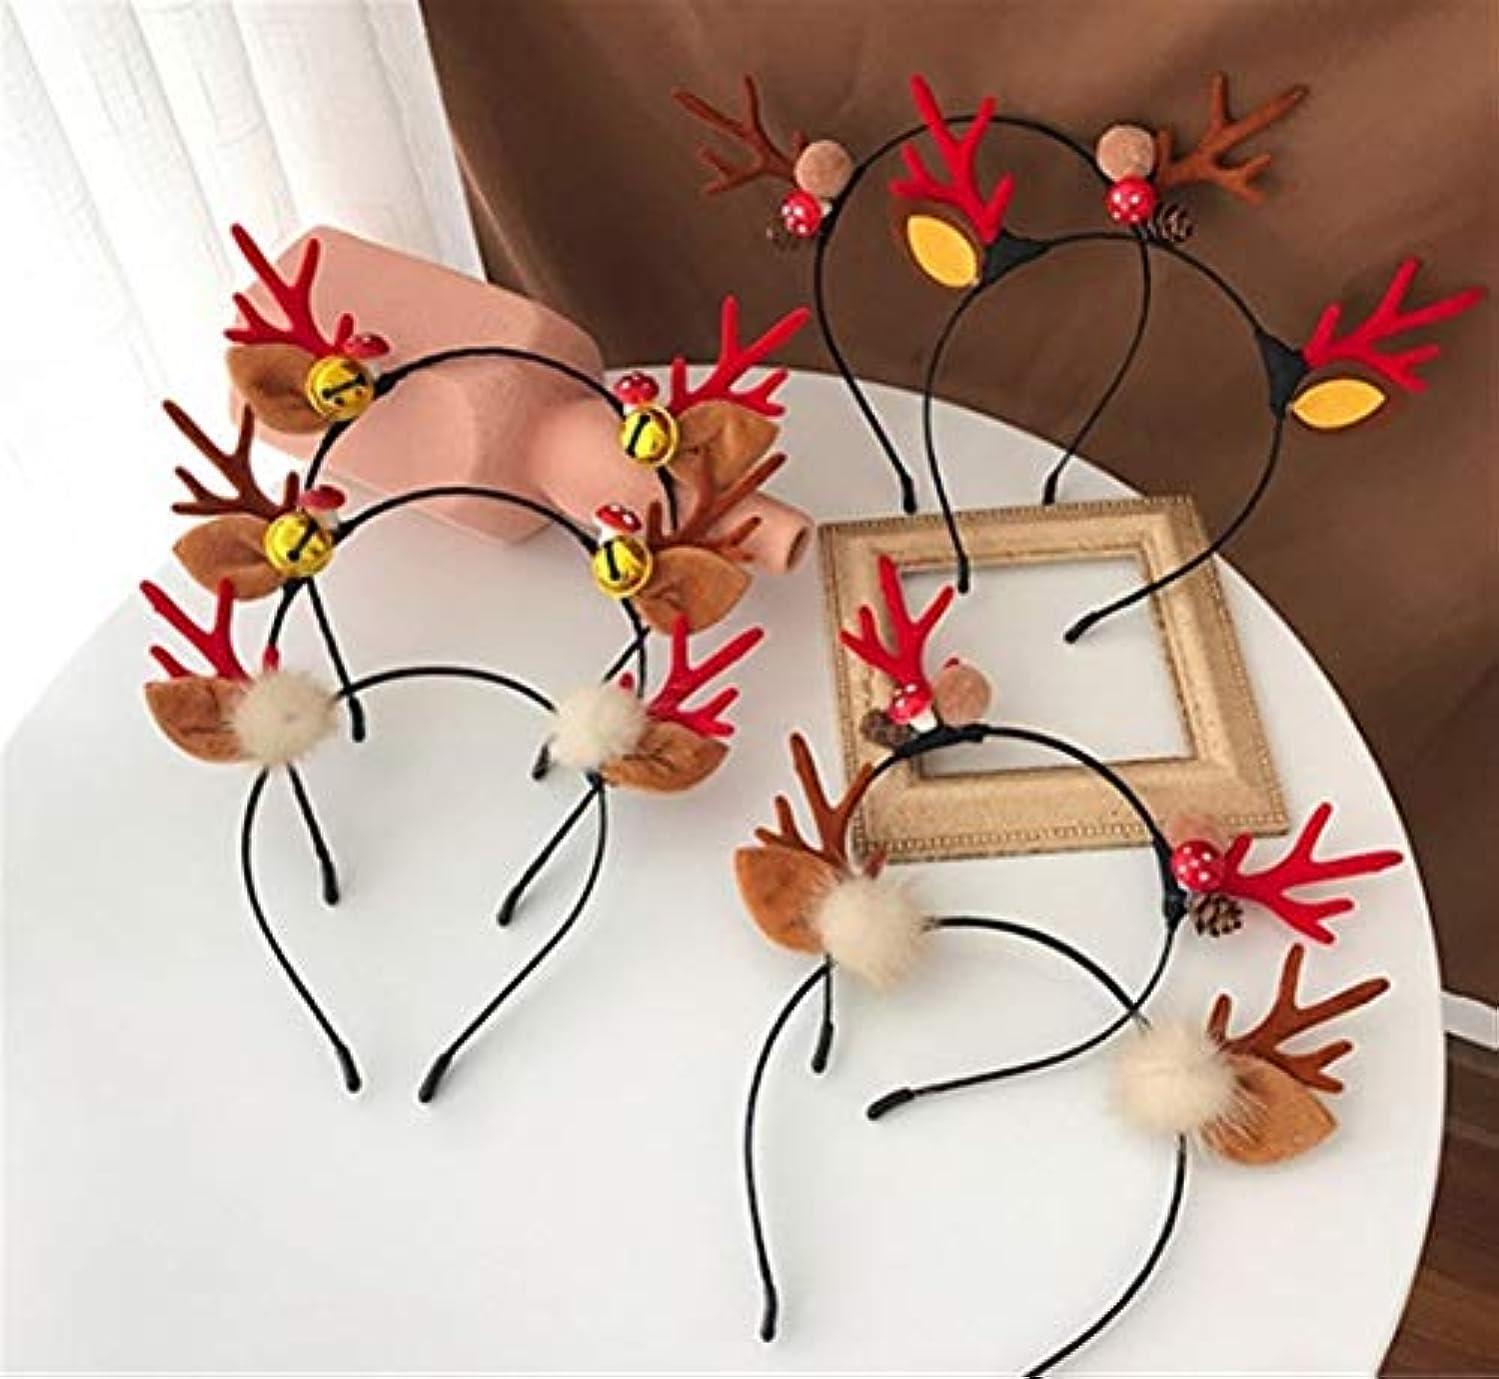 セラー文明化するふけるクリスマスヘッドバンド小さな枝角揺れヘッドバンドティアラ女性のヘアピン (Color : Red, Style : C)